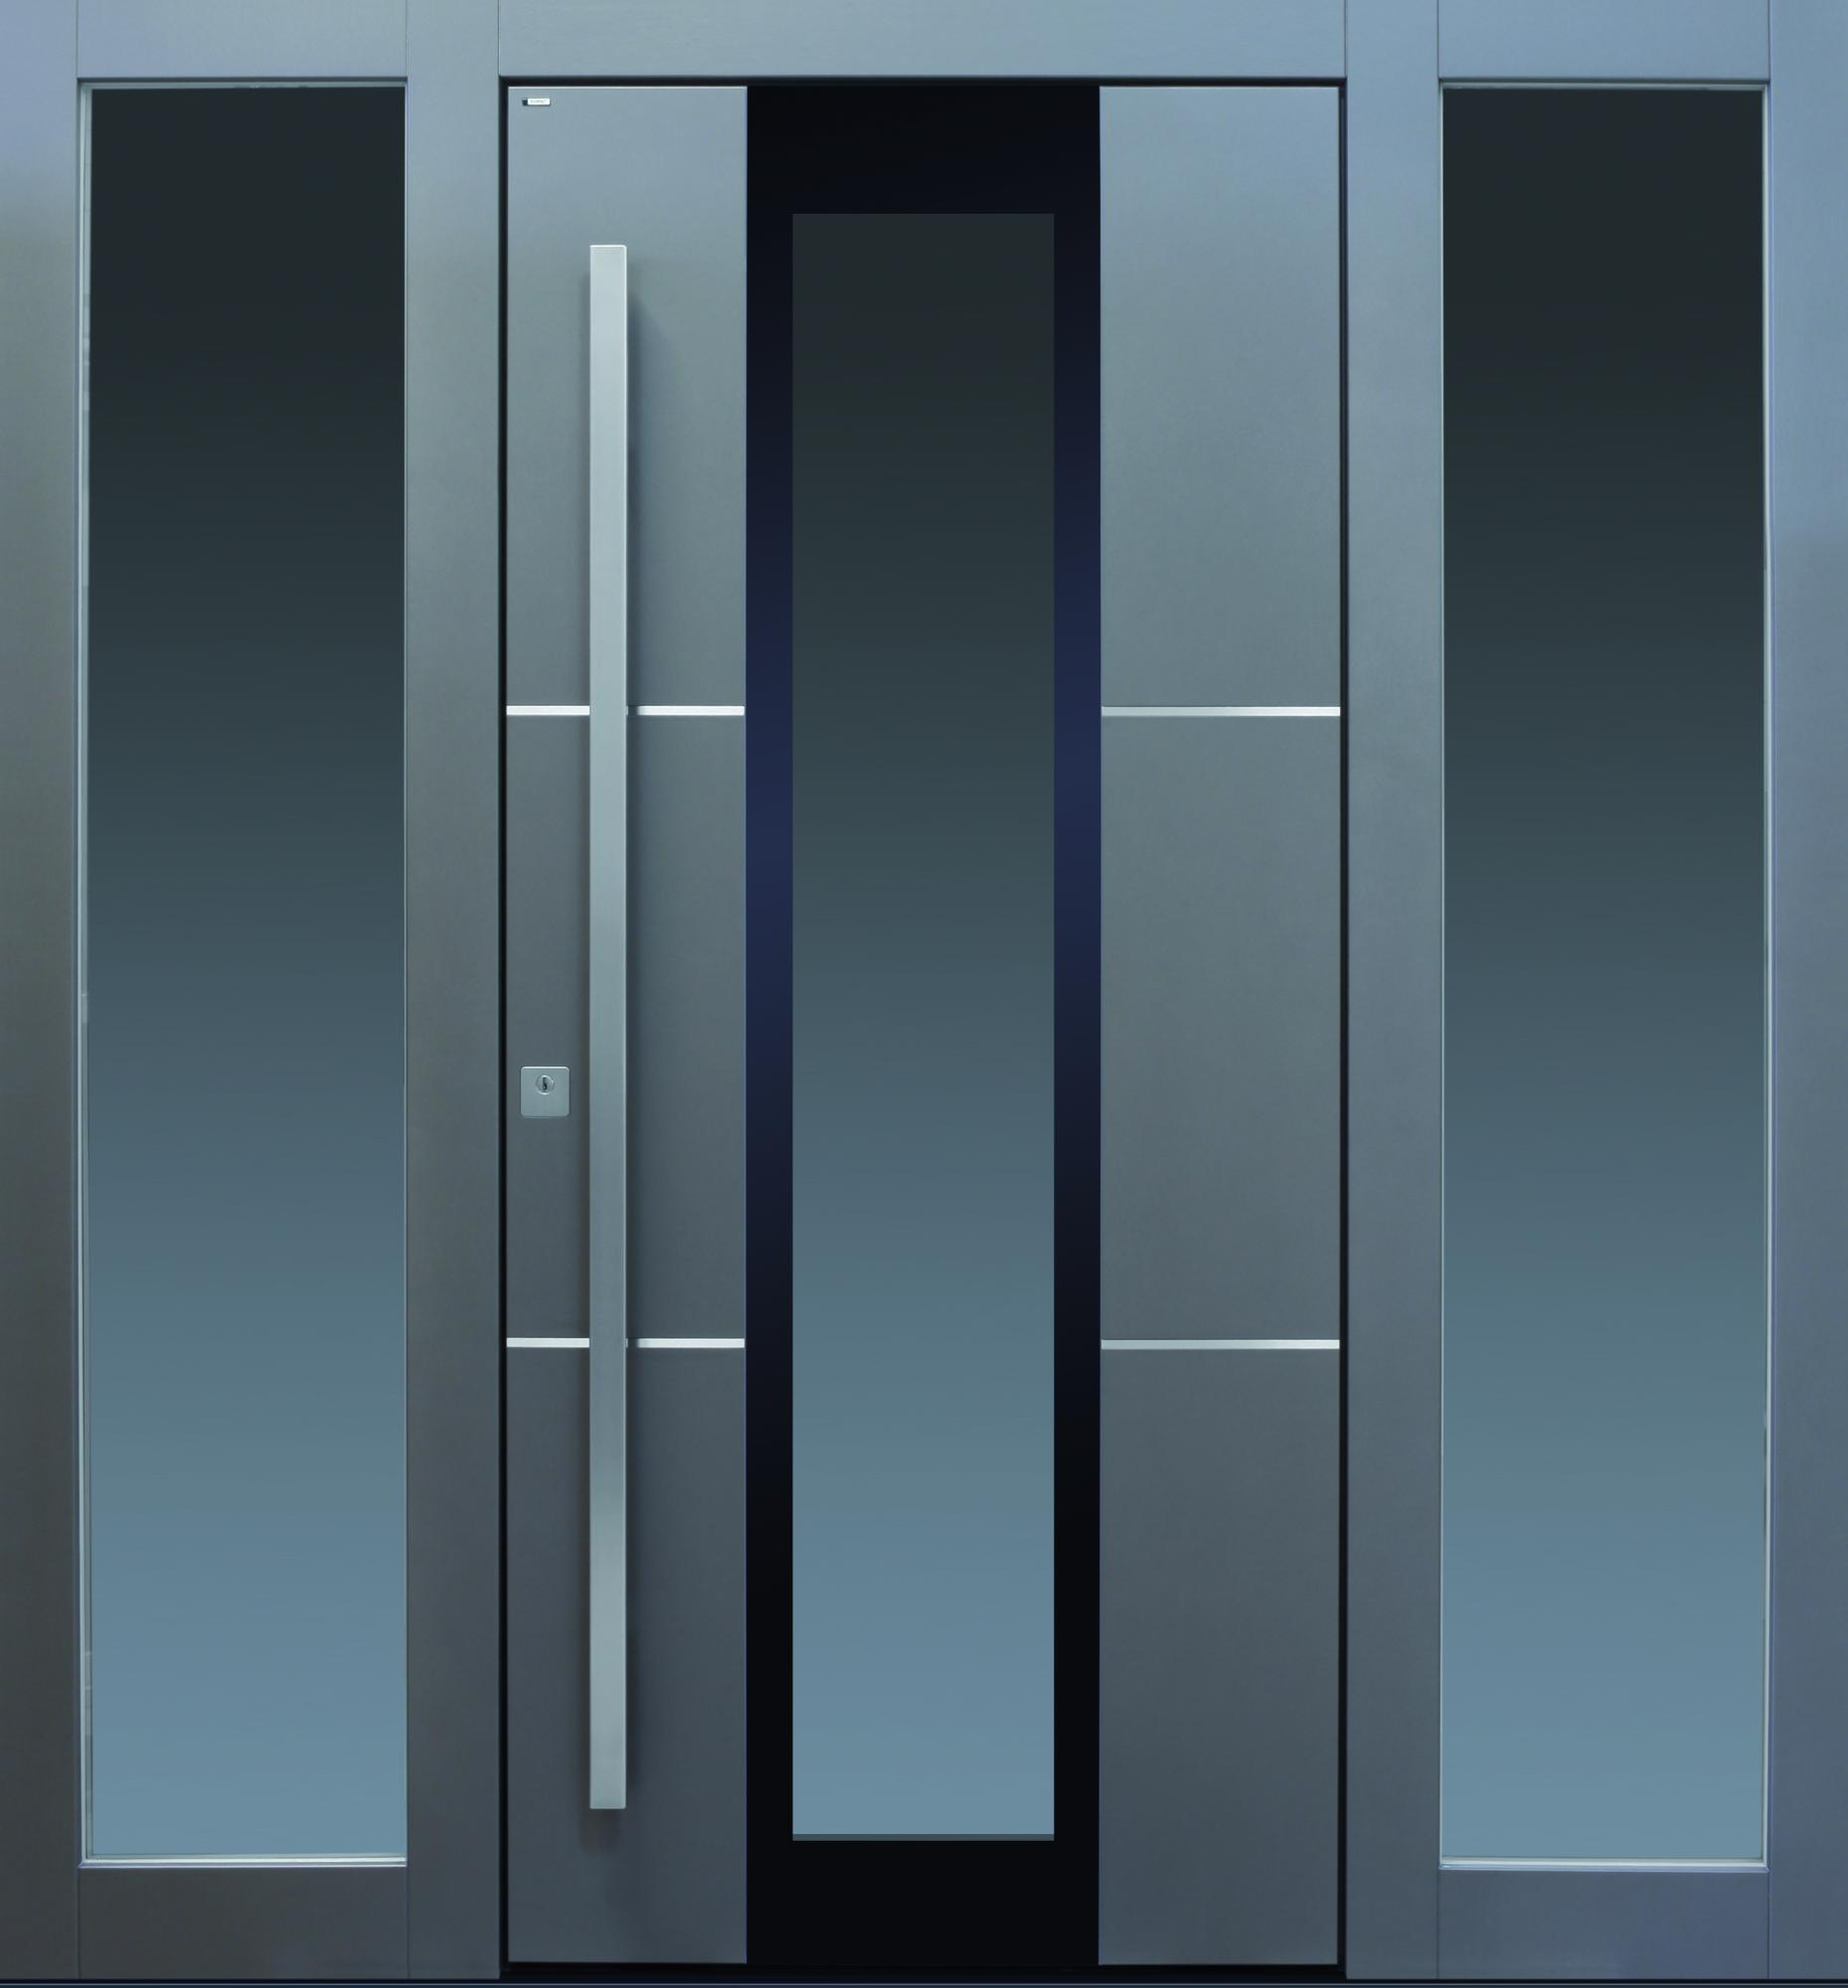 Haustüren modern anthrazit  TOPIC - Haustüren von Meisterhand TOPIC - die Türenmanufaktur